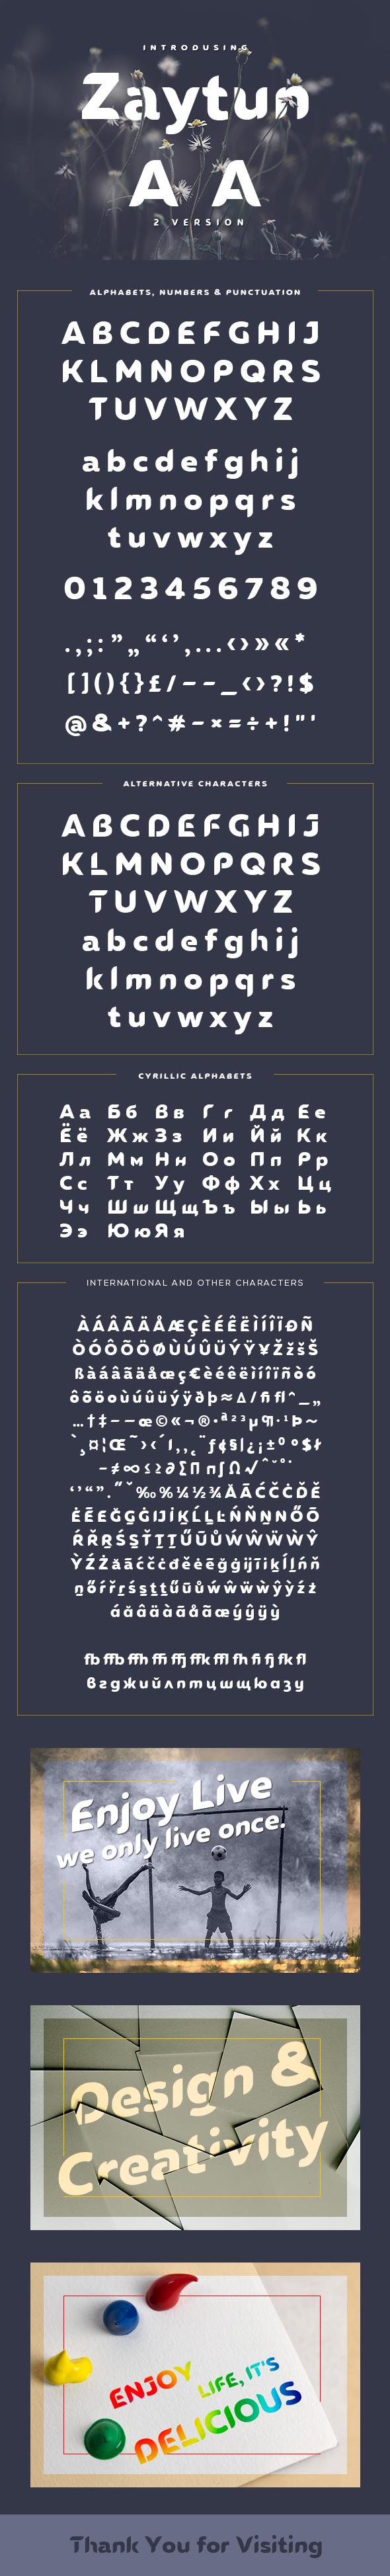 Zaytun Typeface - Sans-Serif Fonts